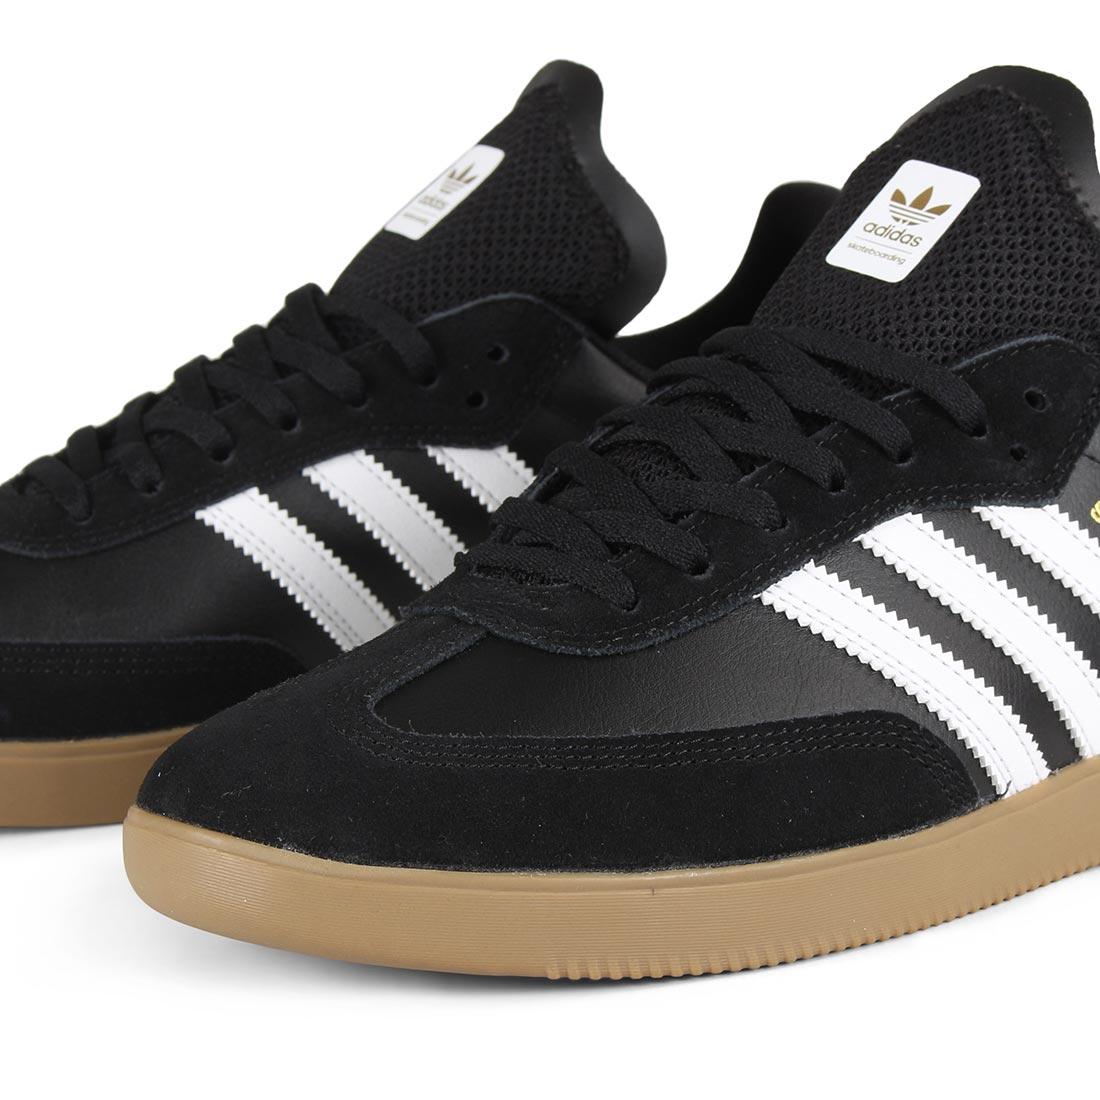 7a96b8bbe Adidas Samba ADV Shoes - Black / White / Gum